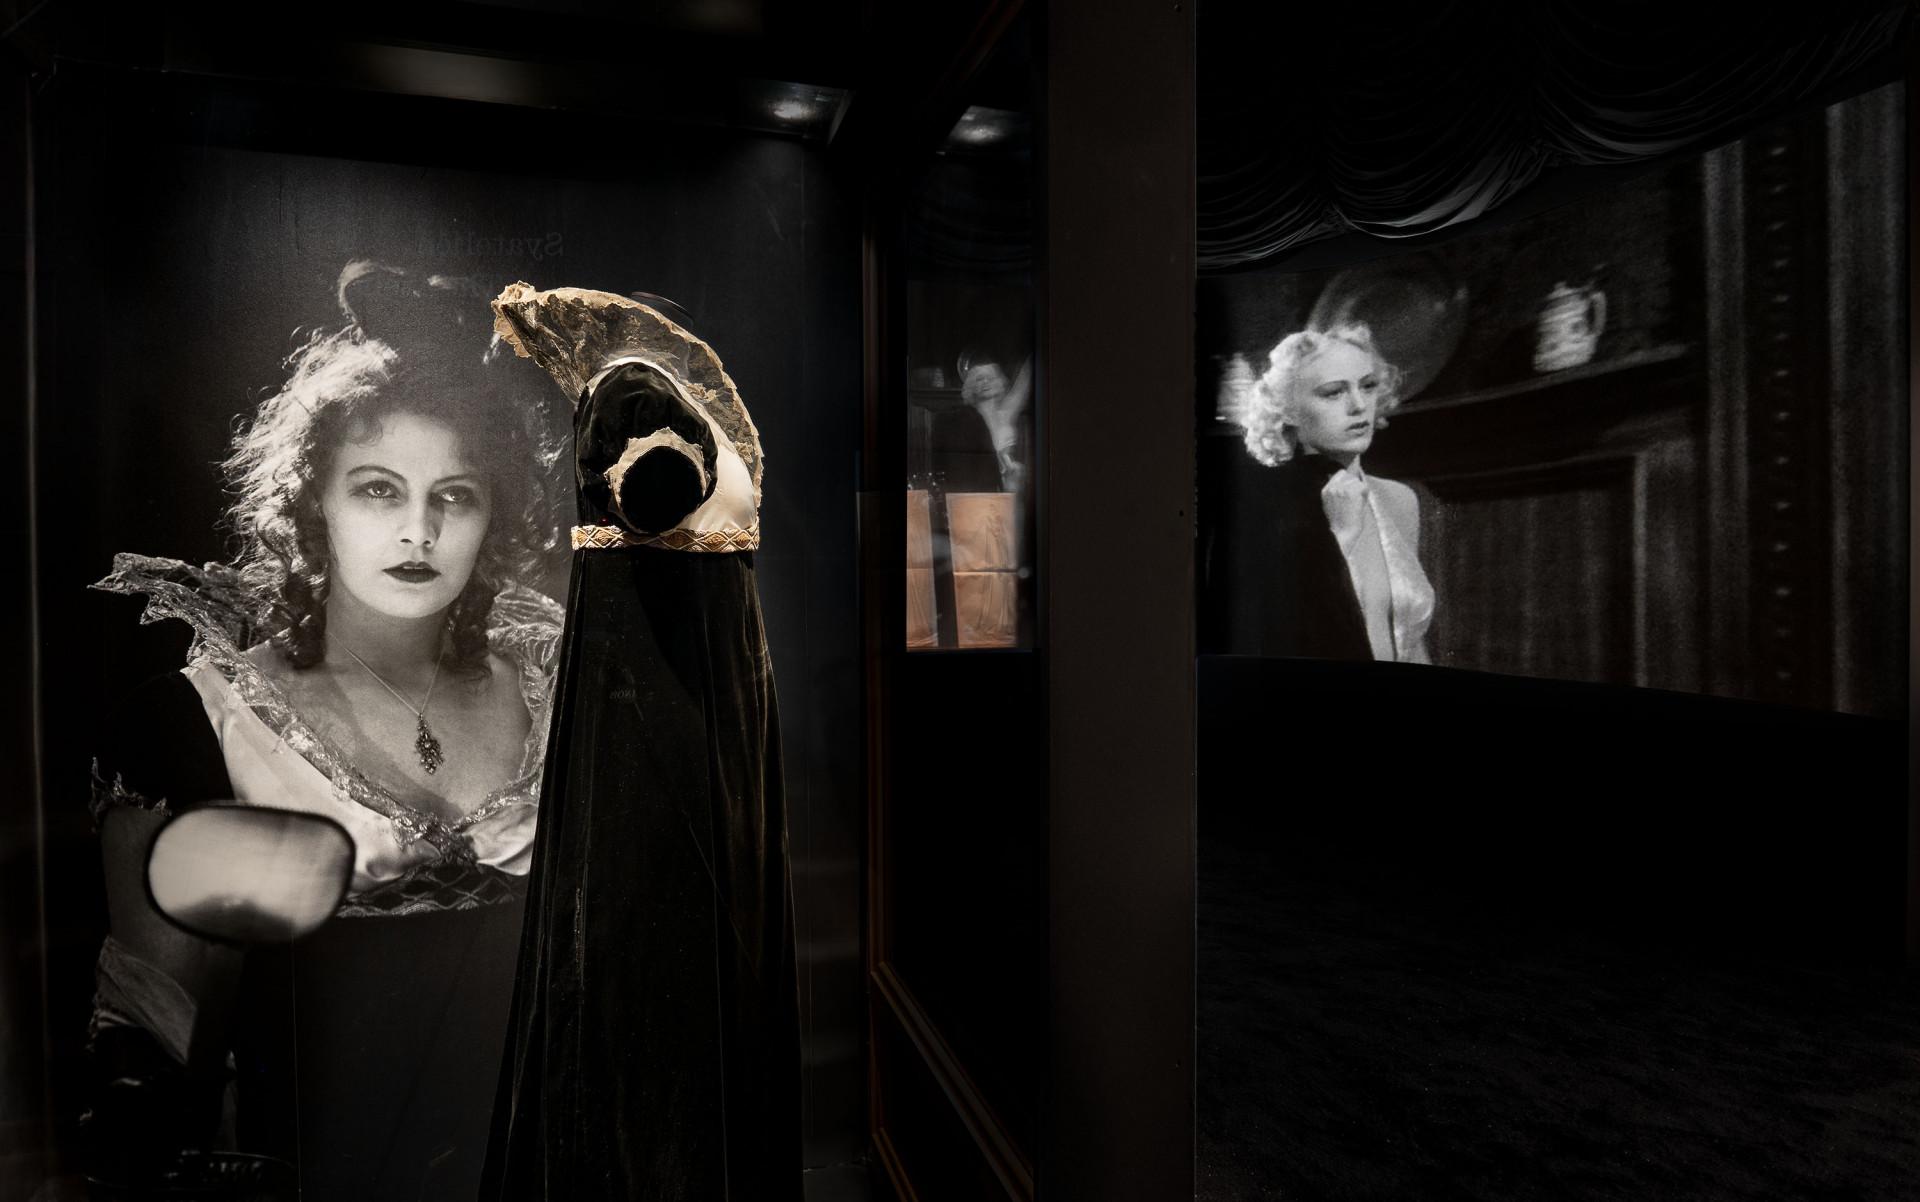 ett mörkt utställningsrum med en bild av Greta Garbo, en svart klänning och två filmdukar med svartvit film